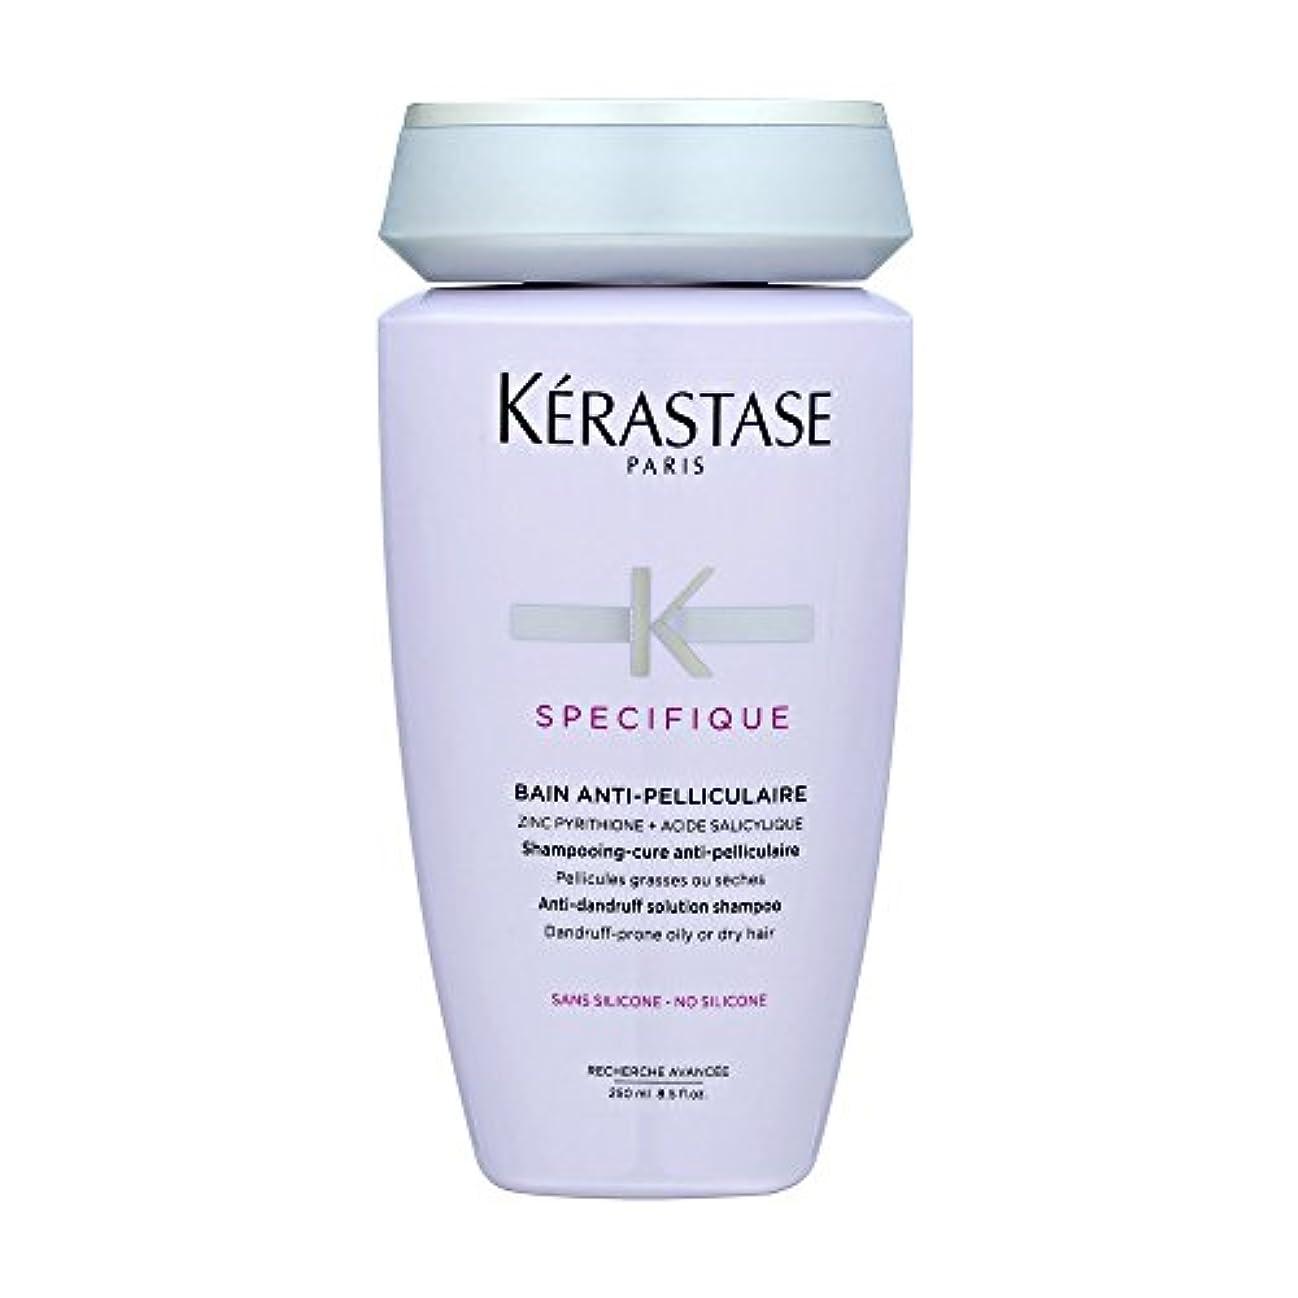 予防接種トレーダー毒性ケラスターゼ(KERASTASE) スペシフィック SP バン ゴマージュ ペリキュレール 250ml [並行輸入品]